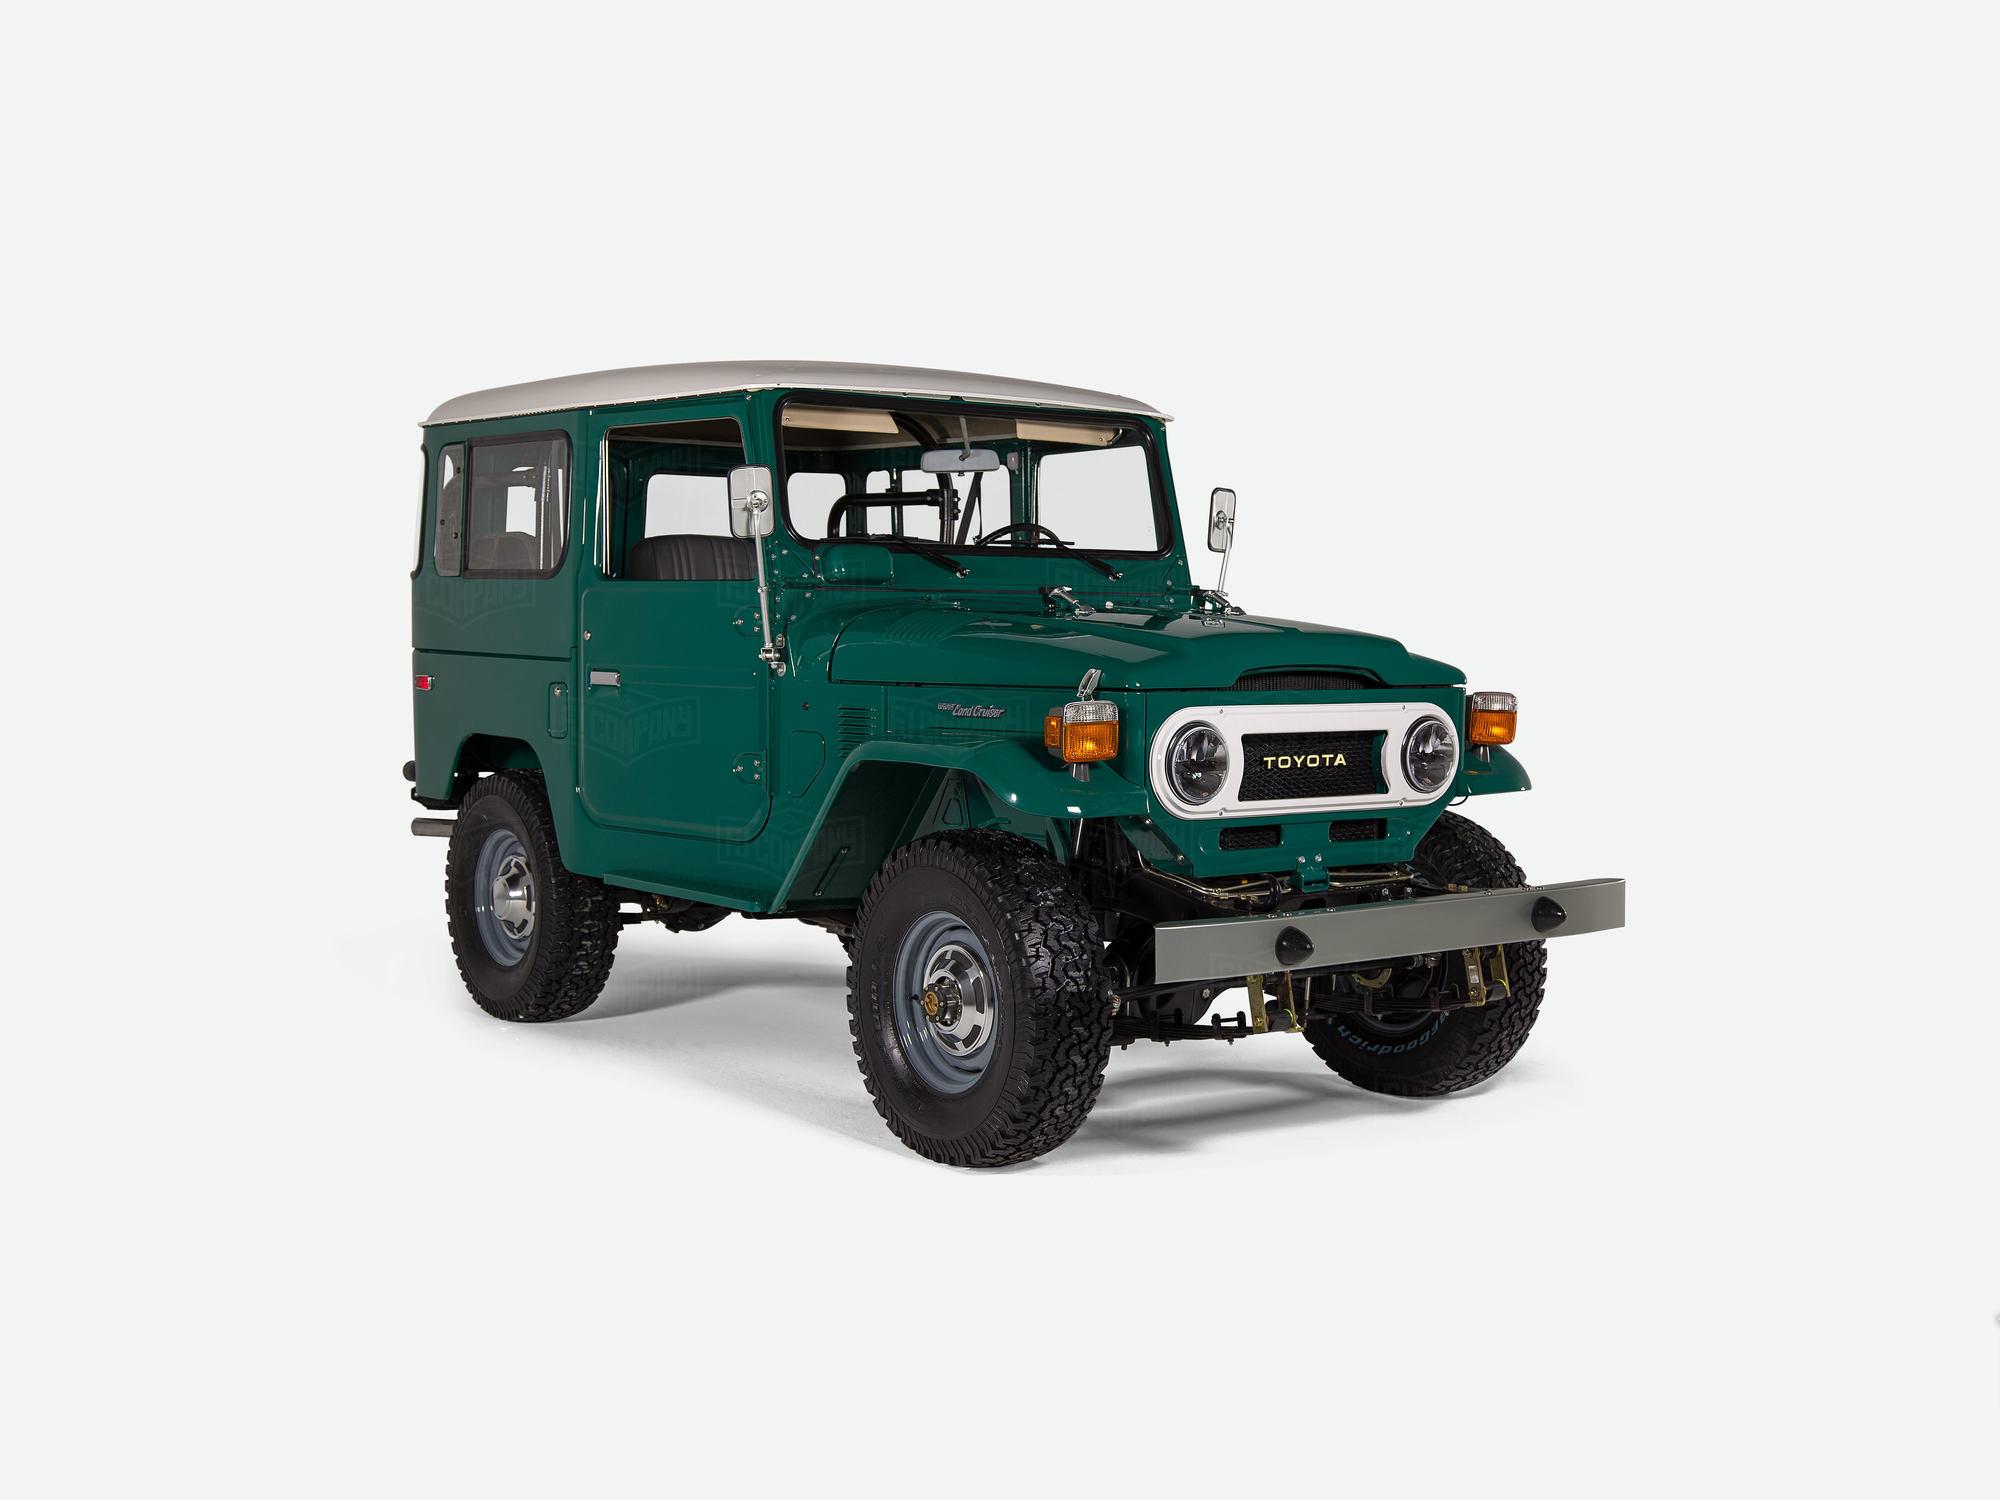 1978 fj40 - rustic green - fj40-273743